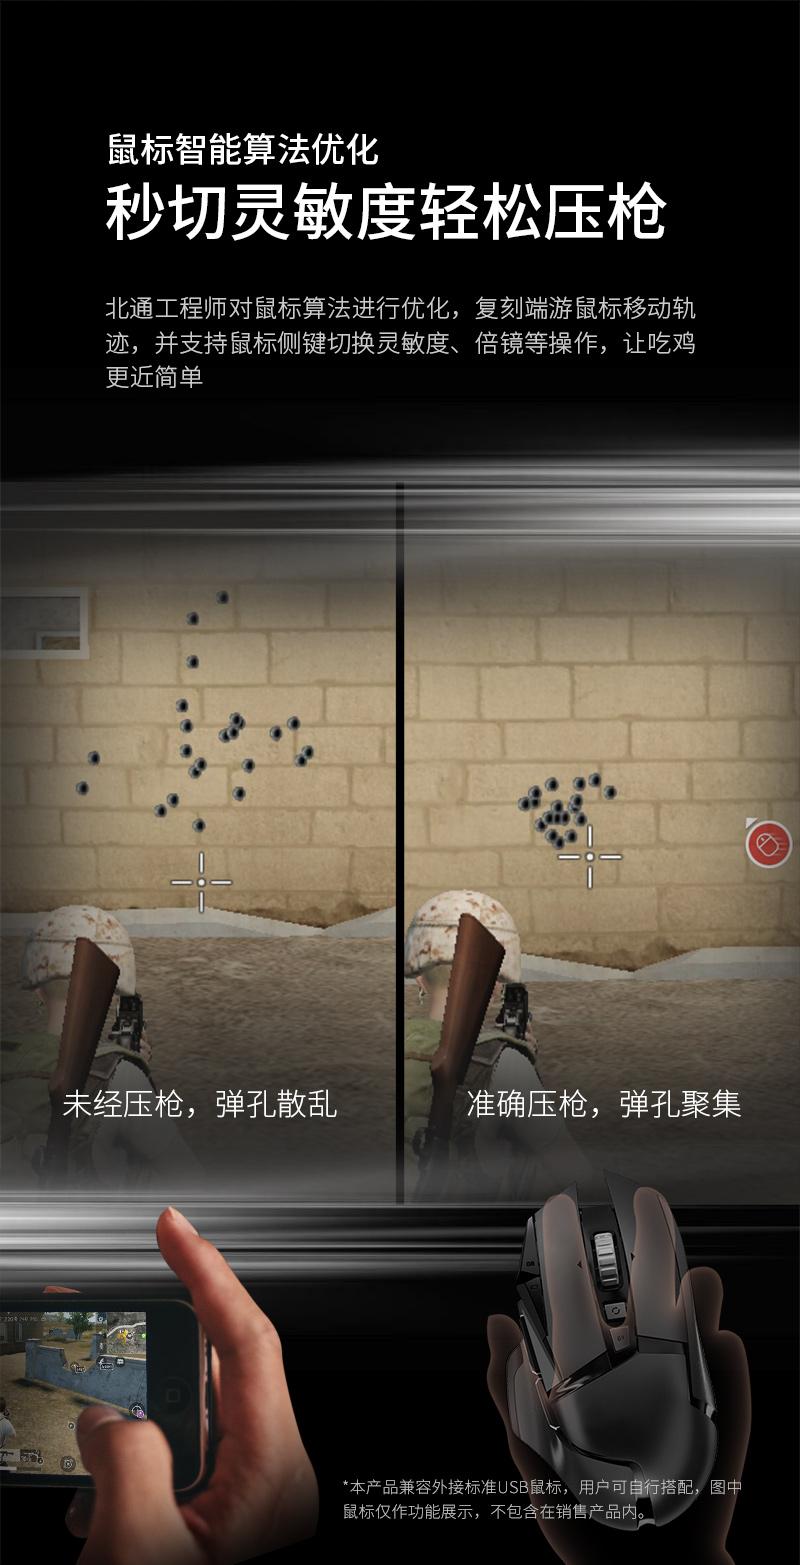 北通K1手游键盘导购页-淘宝(终稿)_09.jpg